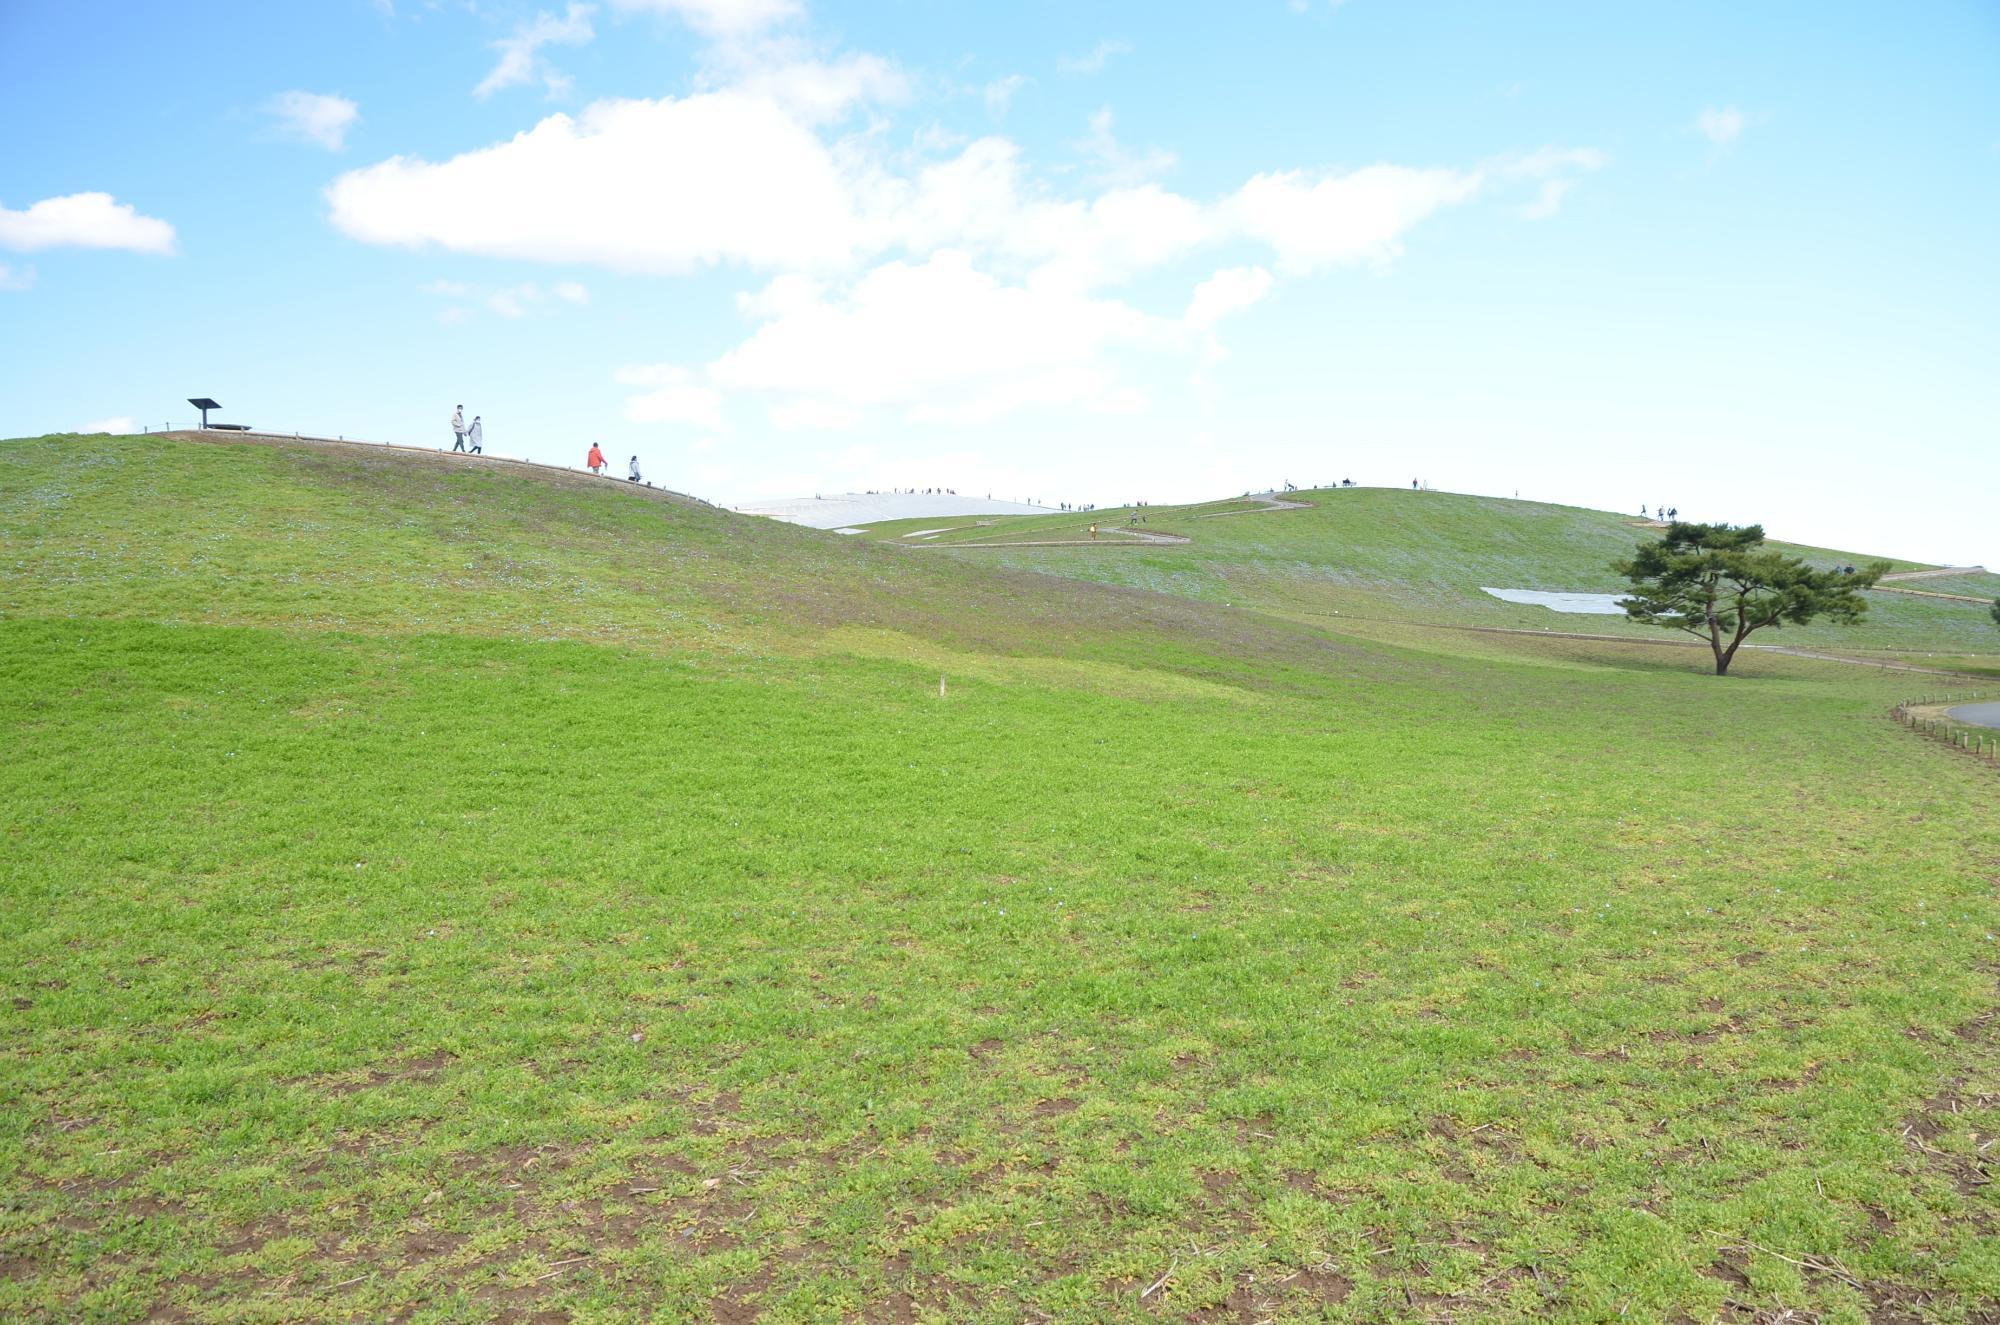 みはらしの丘の様子(2020年3月15日撮影)